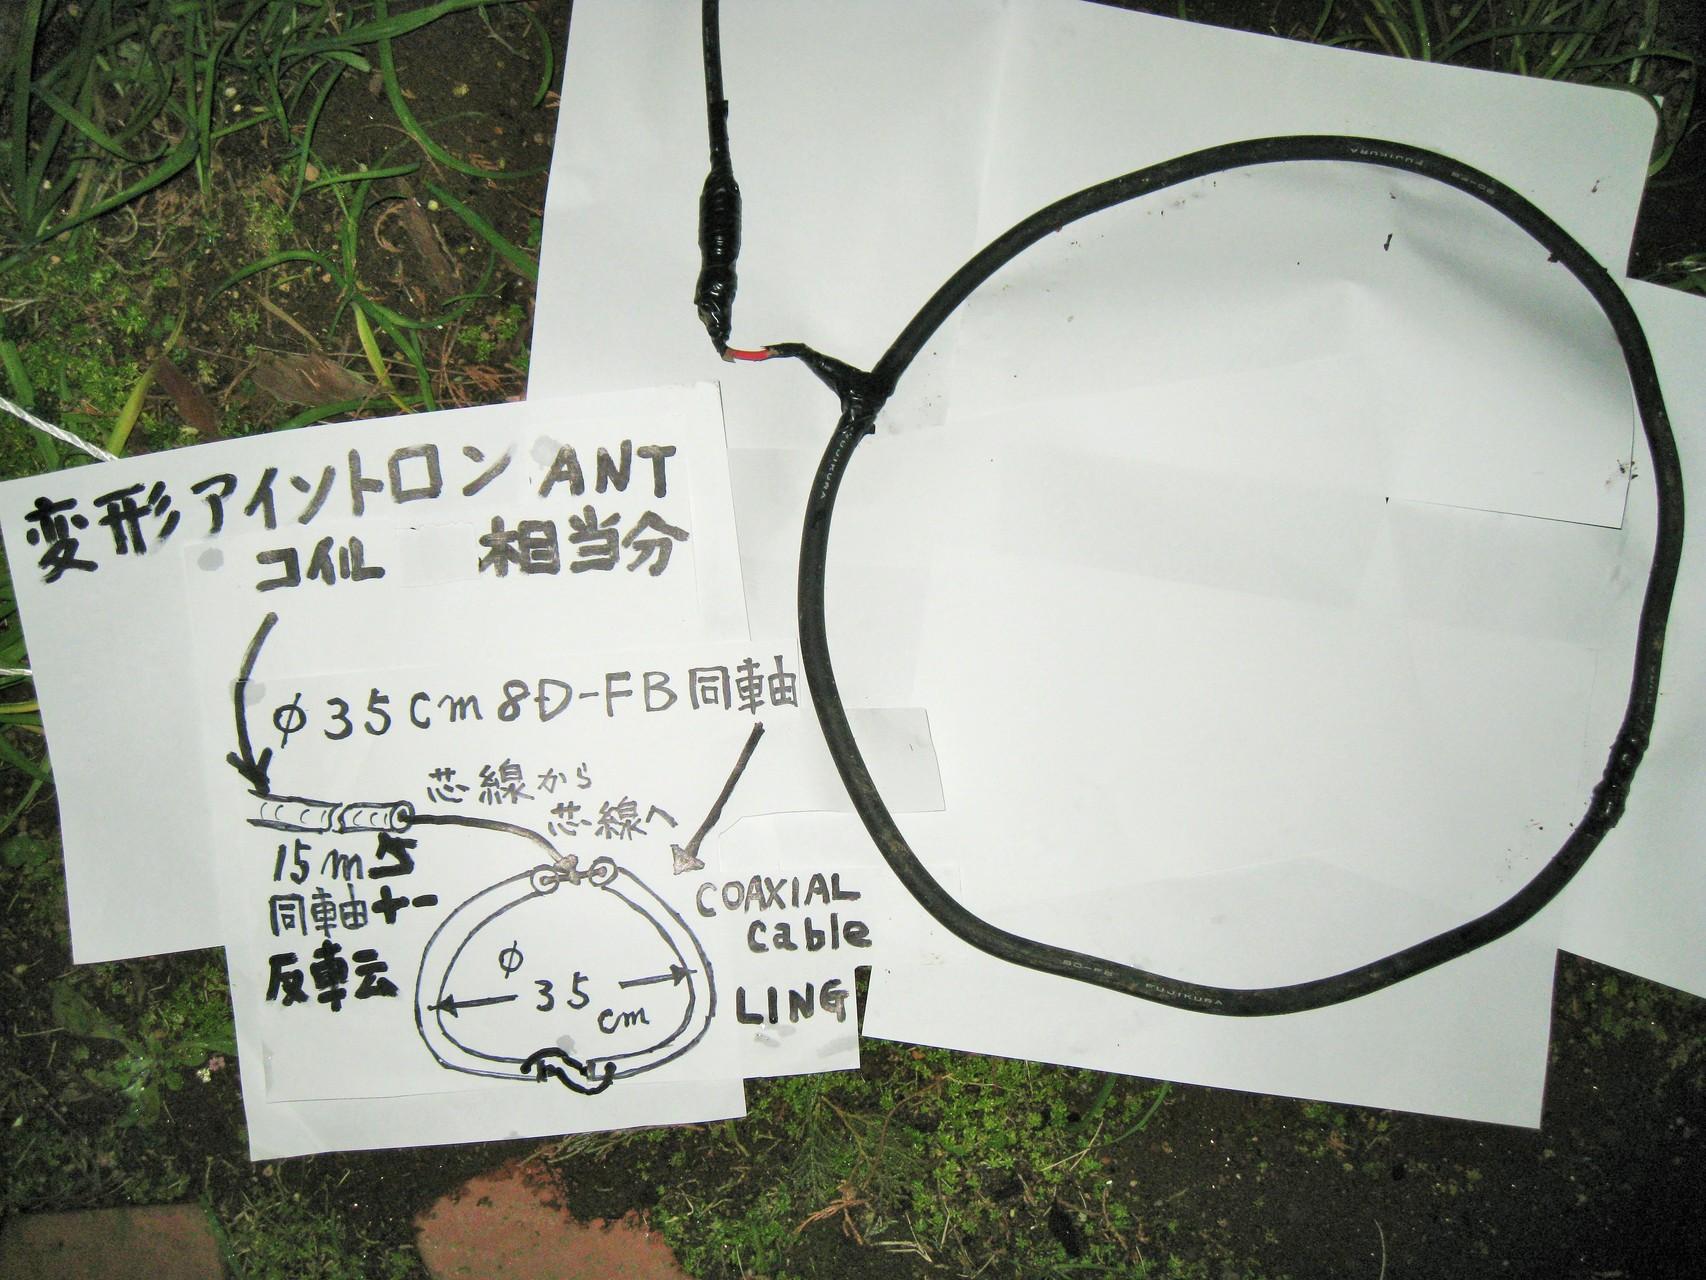 変形アイソトロン(Isotron)ANT(前MV-ANTの名称変更):(Isotron)アンテナ形状を簡素化「給電同軸極性+=反転」